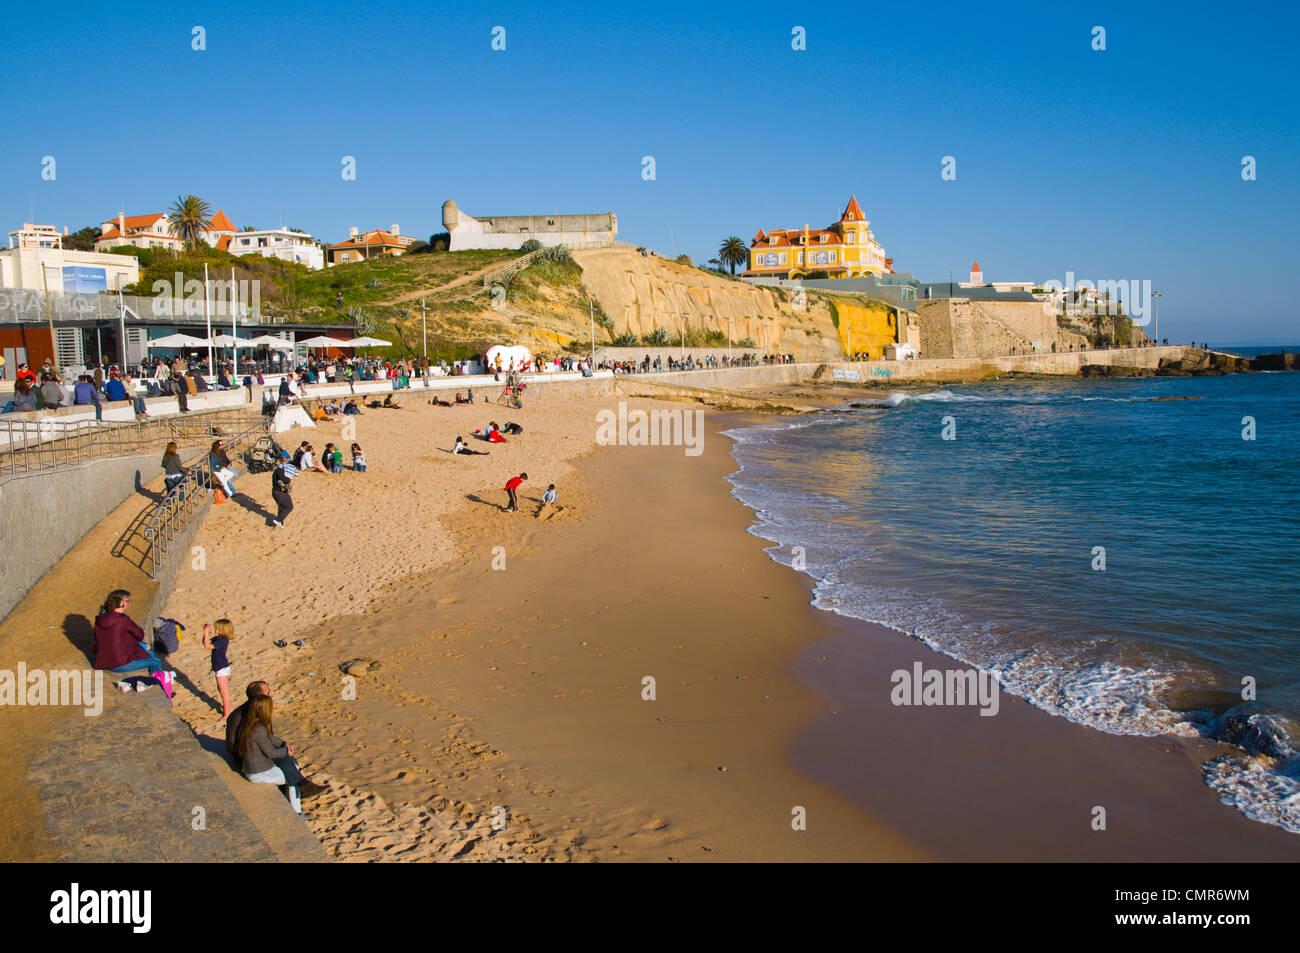 praia do poca estoril coastal resort near lisbon